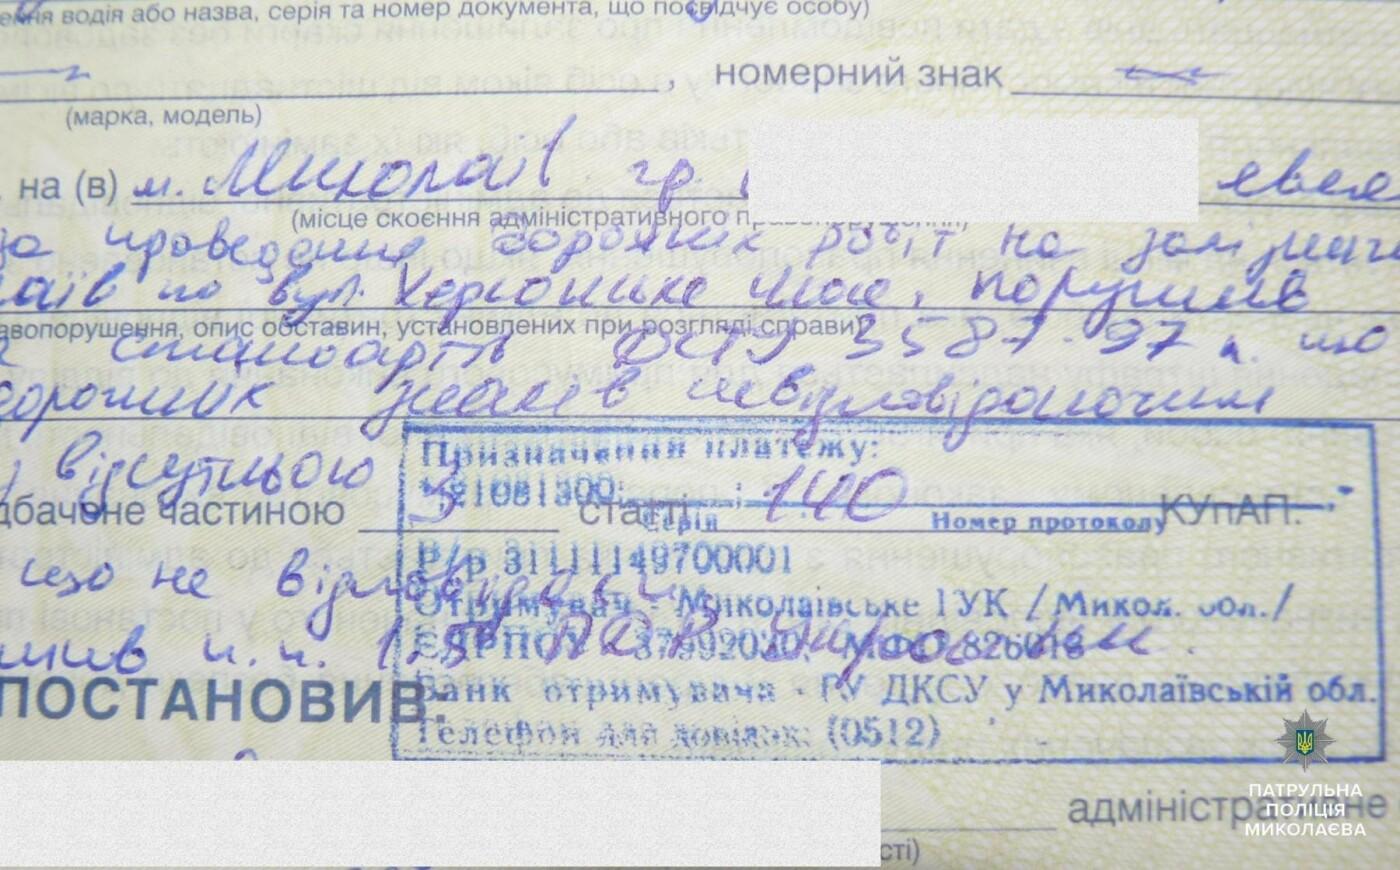 Николаевские патрульные проверили состояние дорожных знаков на Херсонском шоссе, - ФОТО, фото-4